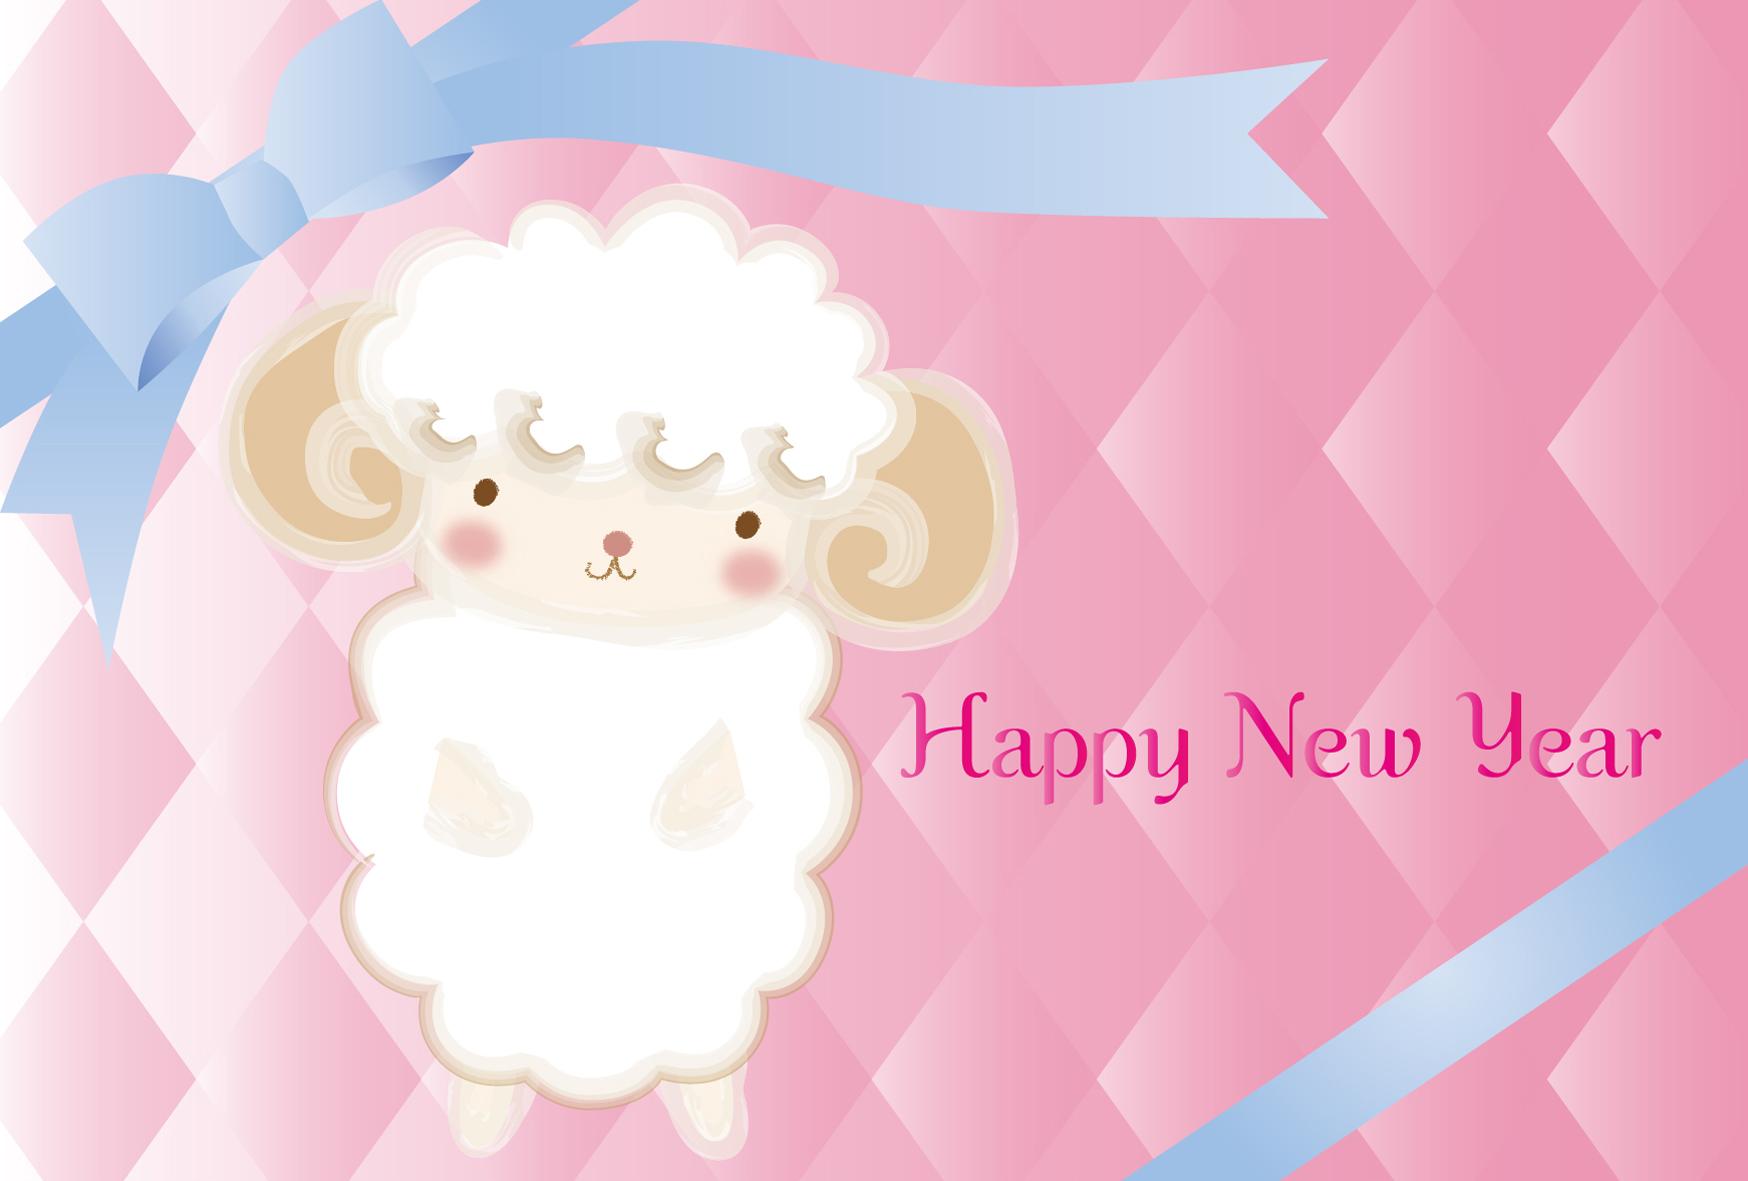 無料】羊イラスト年賀状ピンク色系背景2枚【未年】